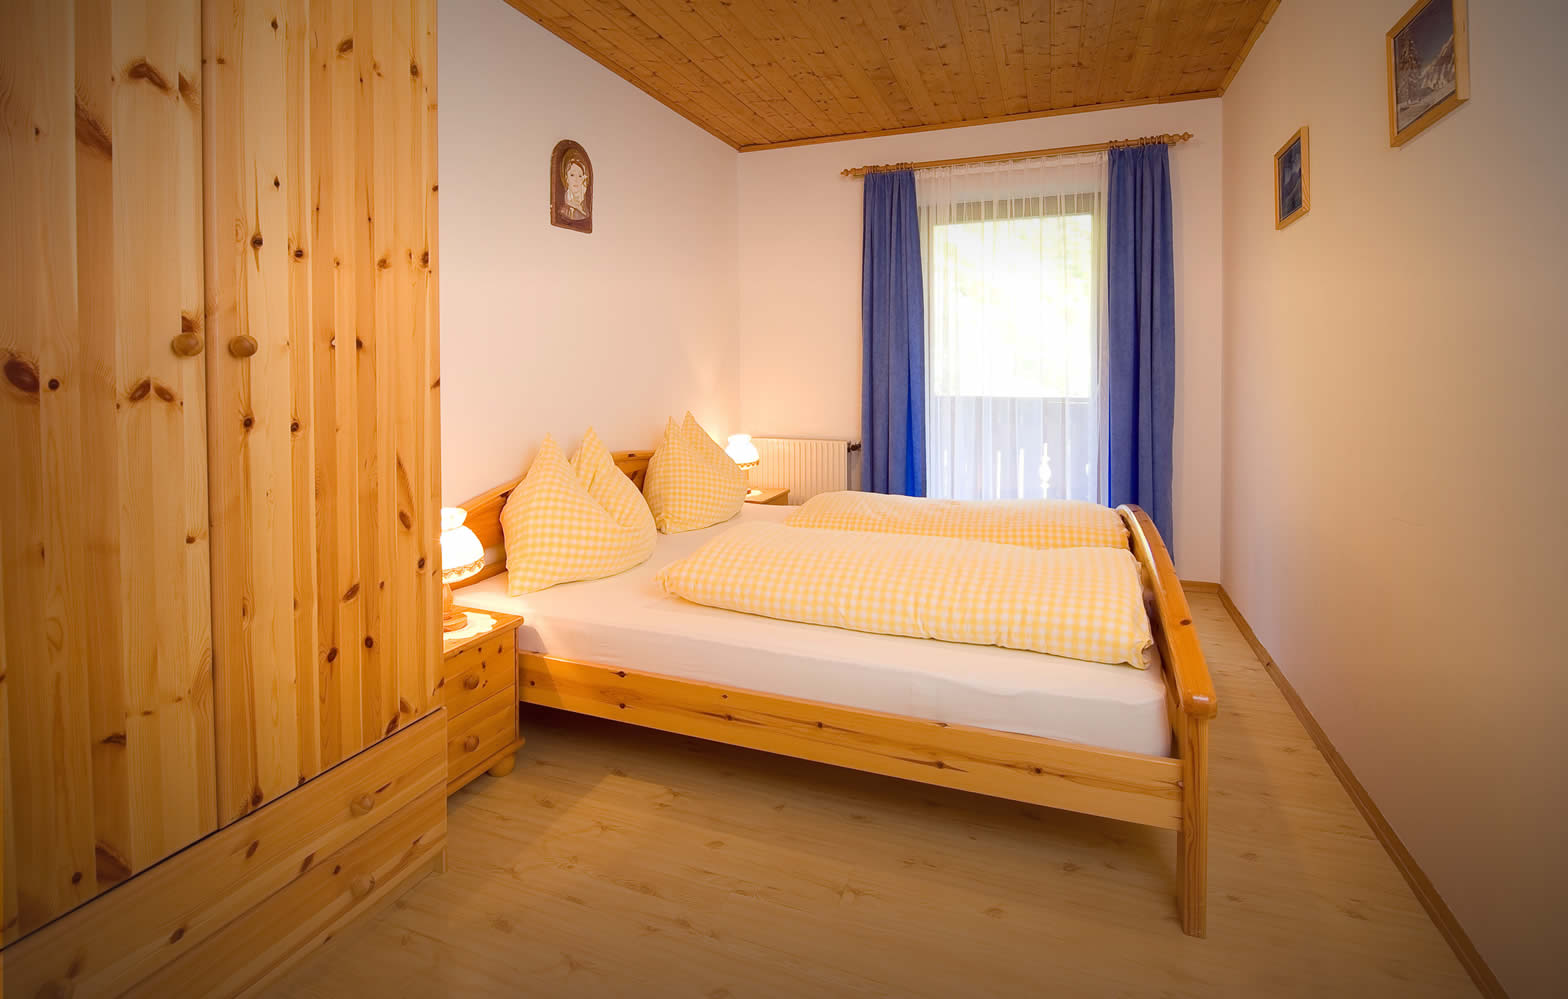 Ferienwohnungen in Großarl - Urlaub am Bauernhof Klausbauer im Großarltal